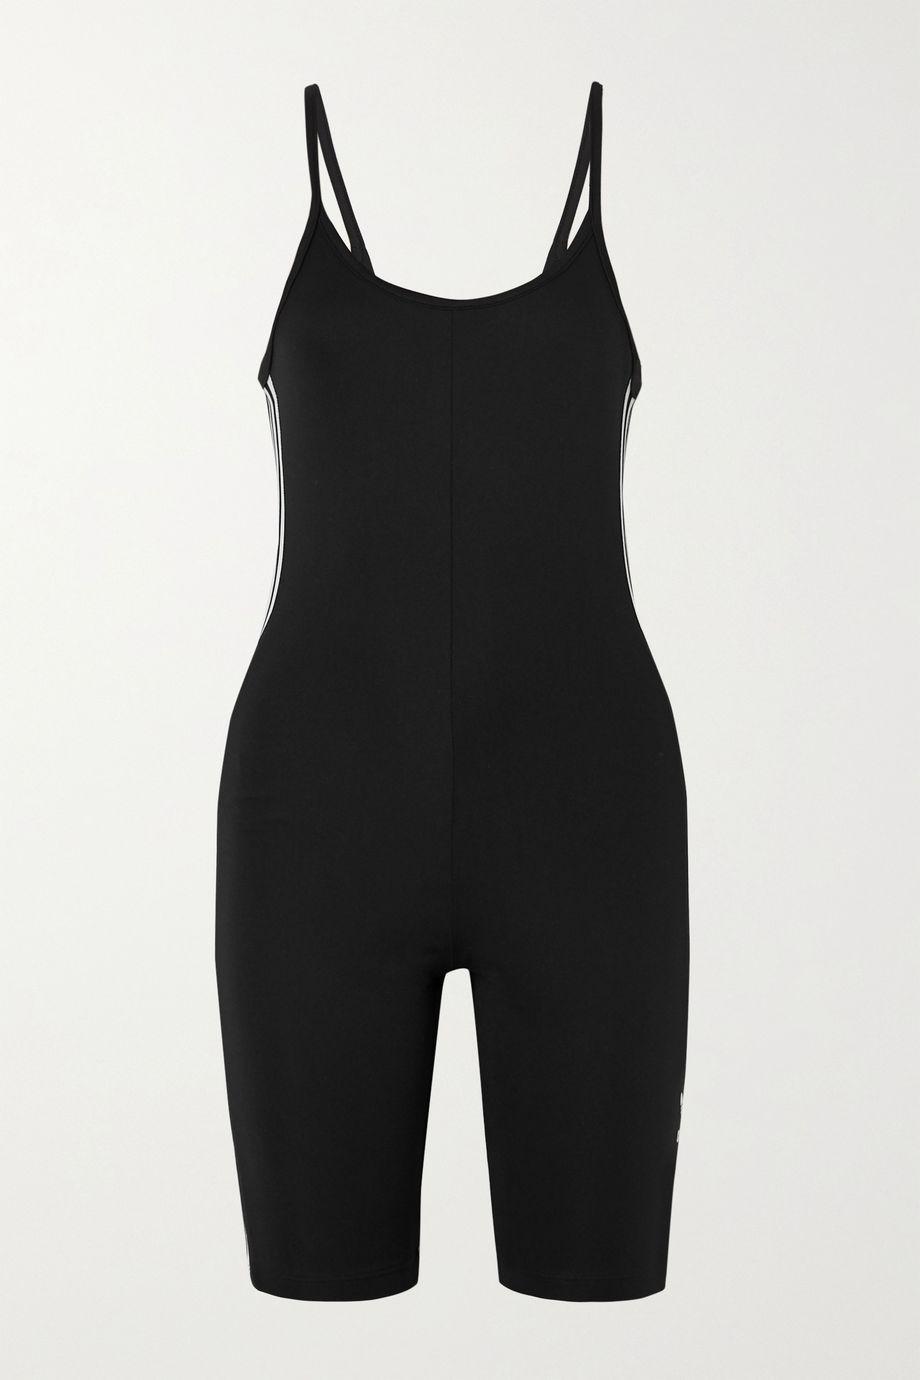 adidas Originals Adicolour Gymnastikanzug aus Stretch-Jersey mit Stickerei und Streifen